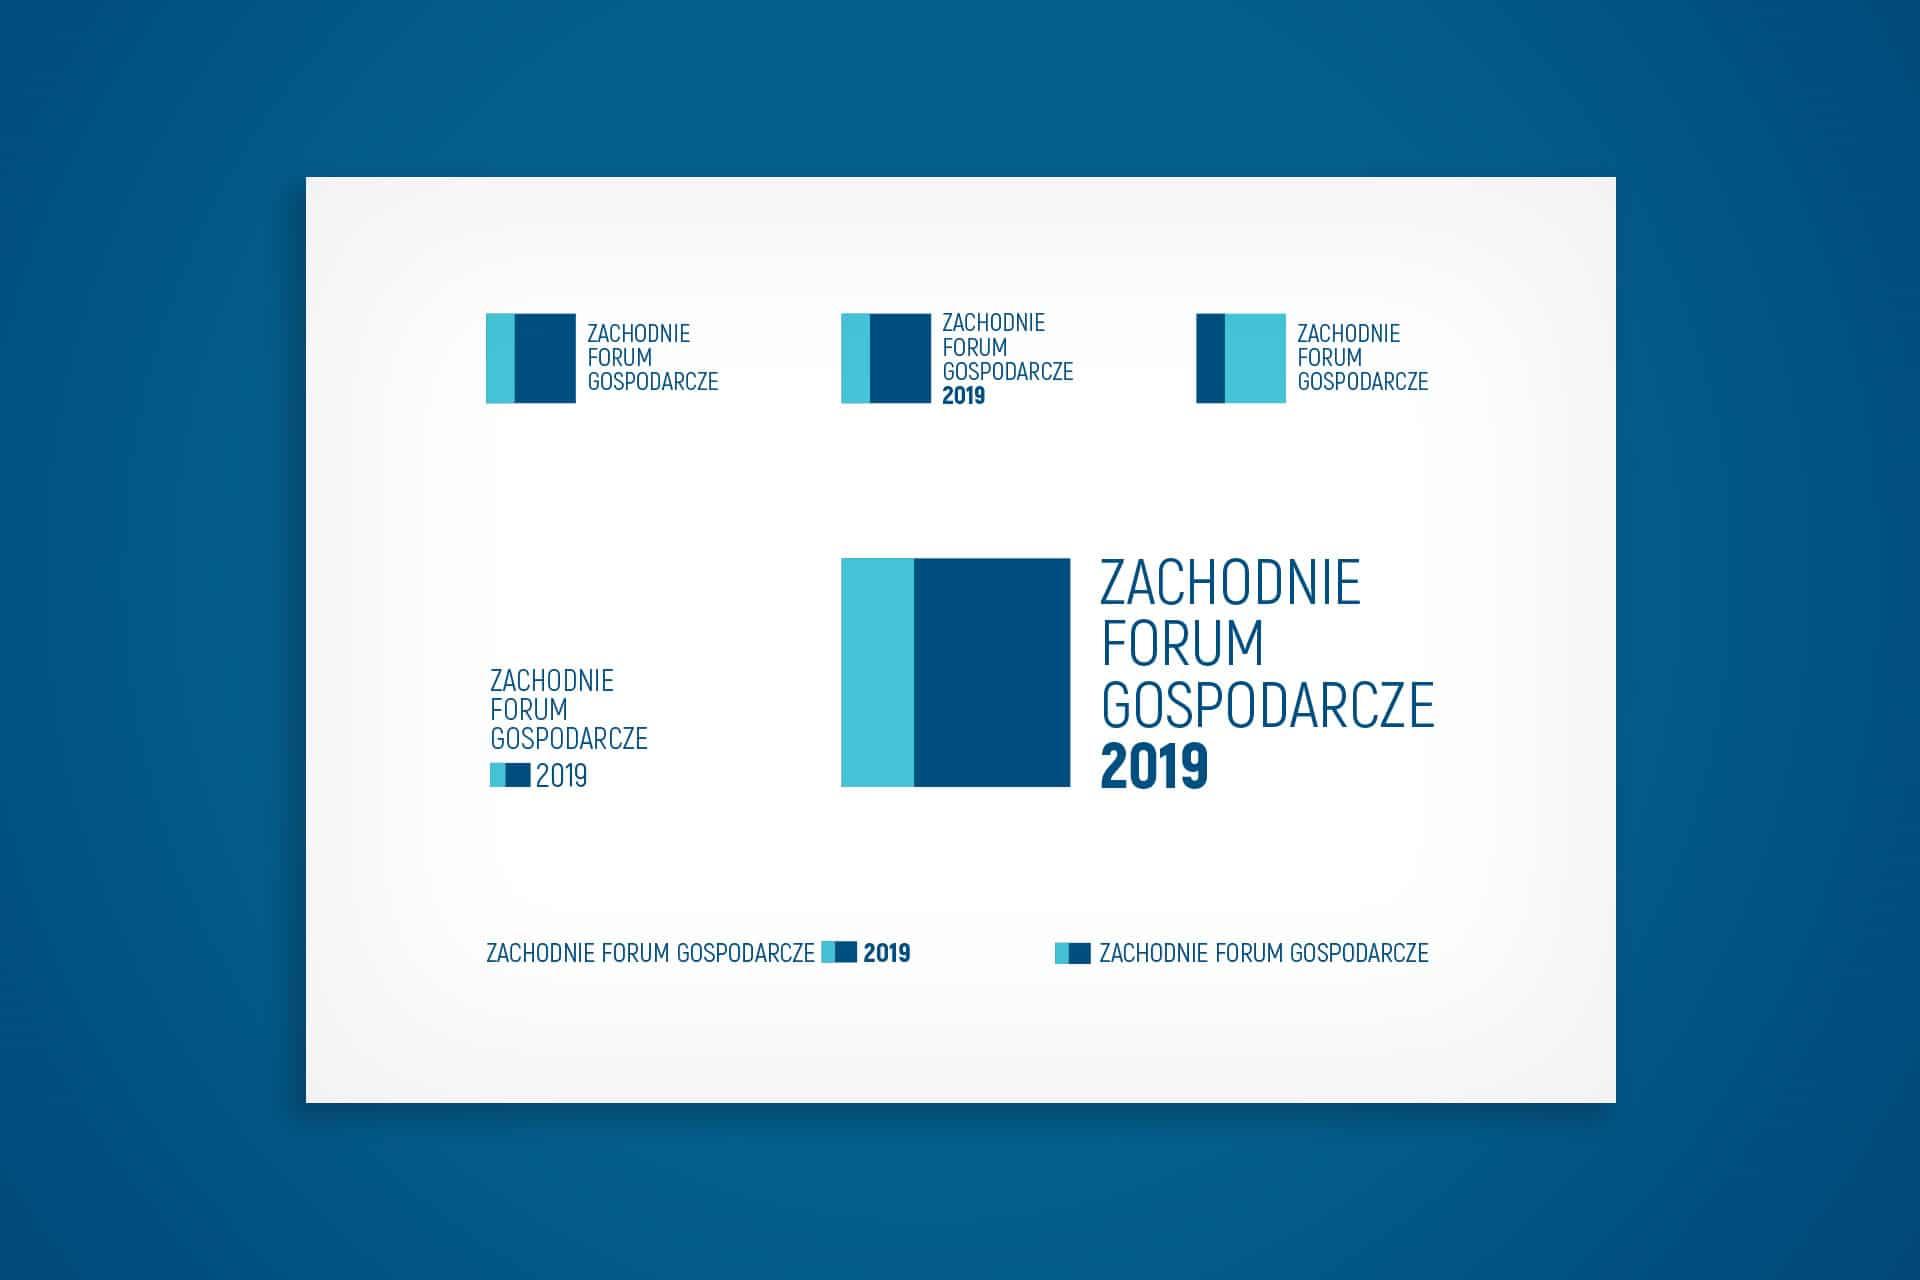 Rebranding Zachodniego Forum Gospodarczego